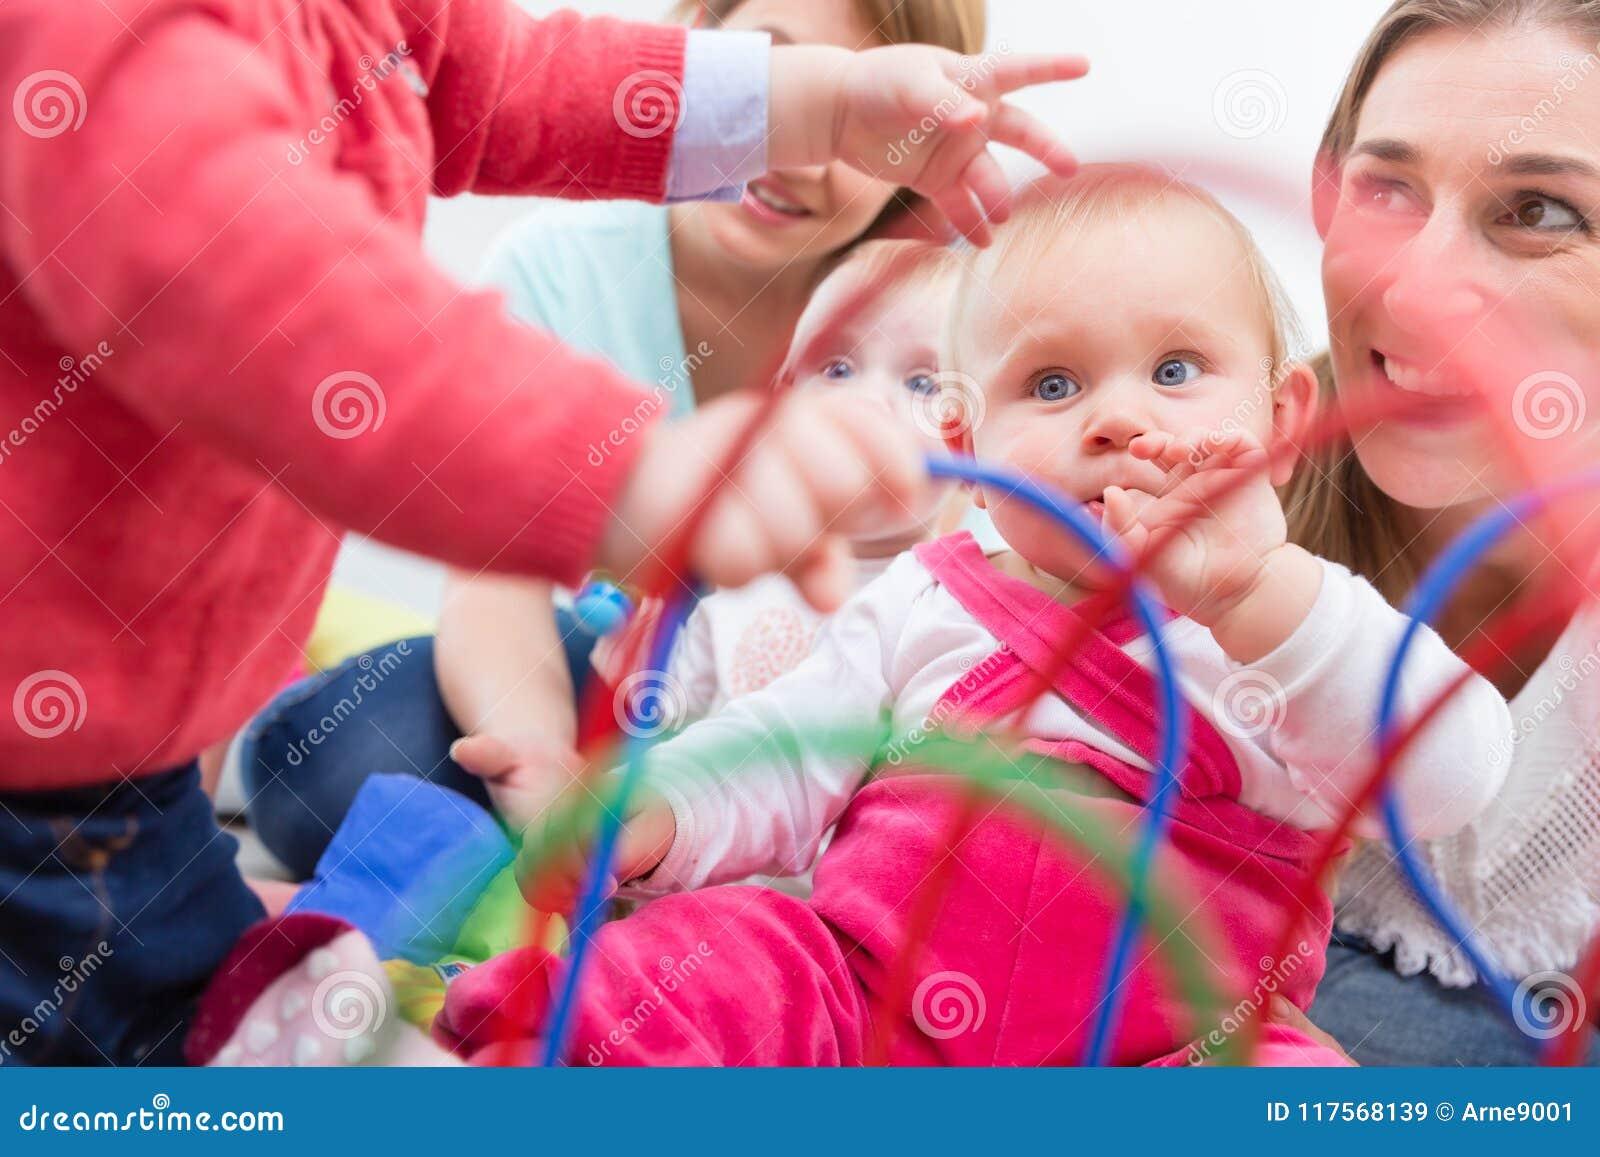 O grupo de mães novas felizes que olham seus bebês bonitos e saudáveis joga